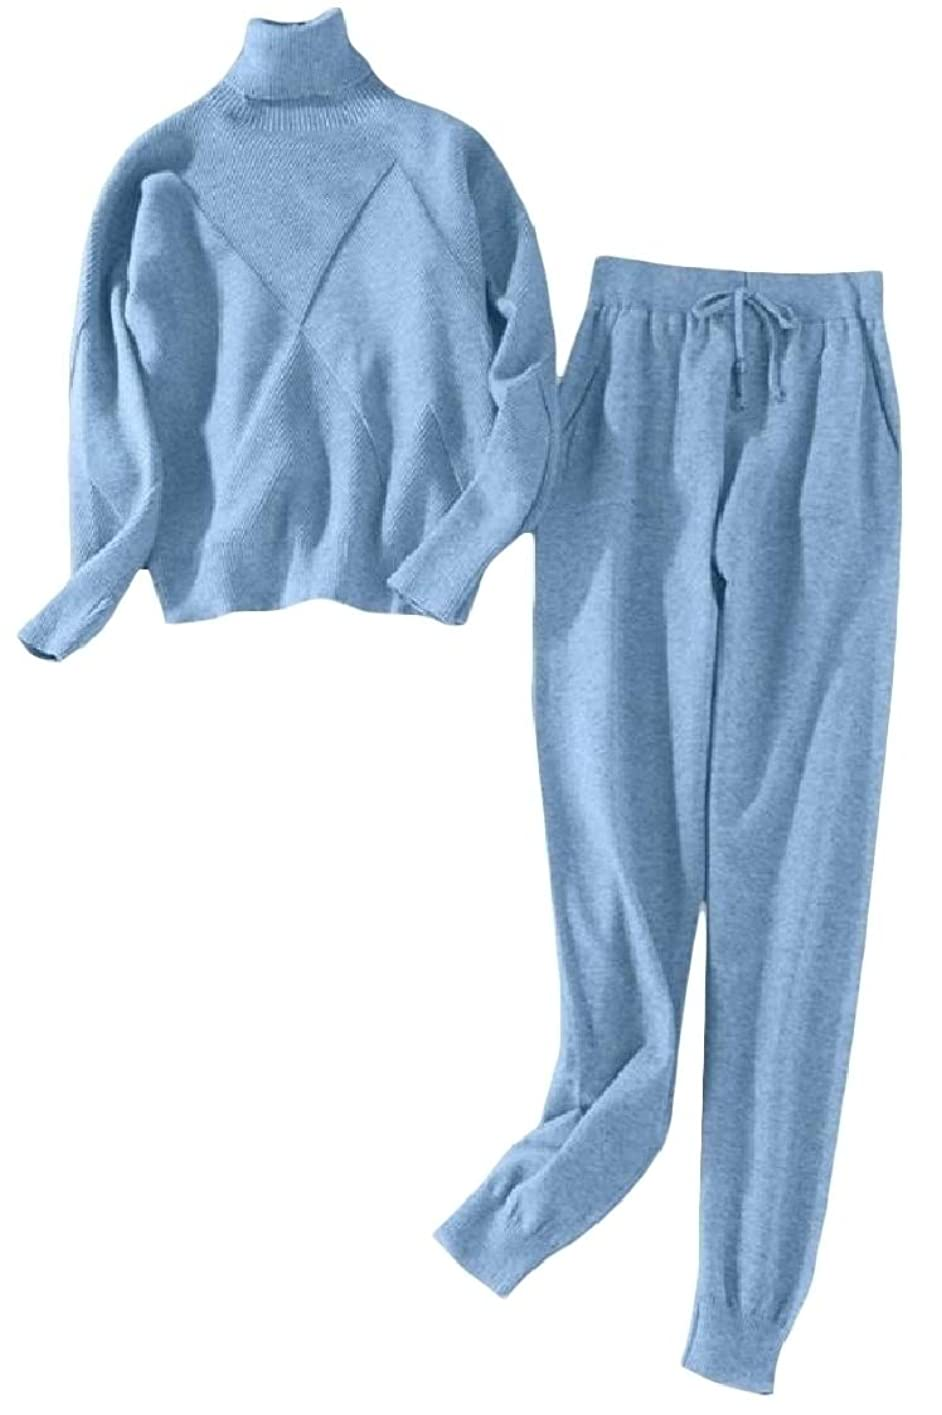 干し草崇拝する多用途女性スリムニット2ネック高ネックポケットファッションセットトラックスーツ